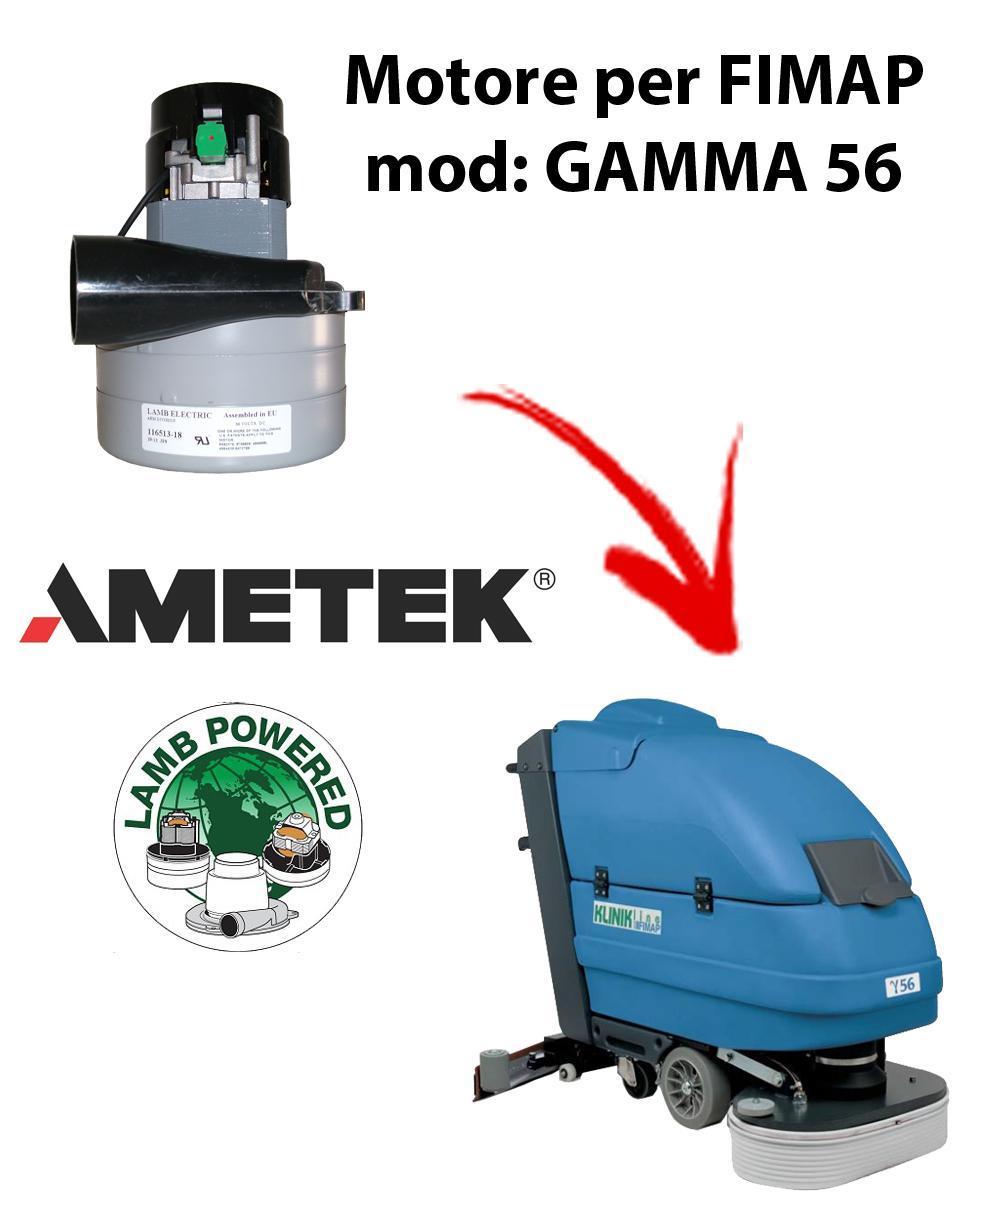 GAMMA 56 MOTEUR ASPIRATION AMETEK pour autolaveuses FIMAP